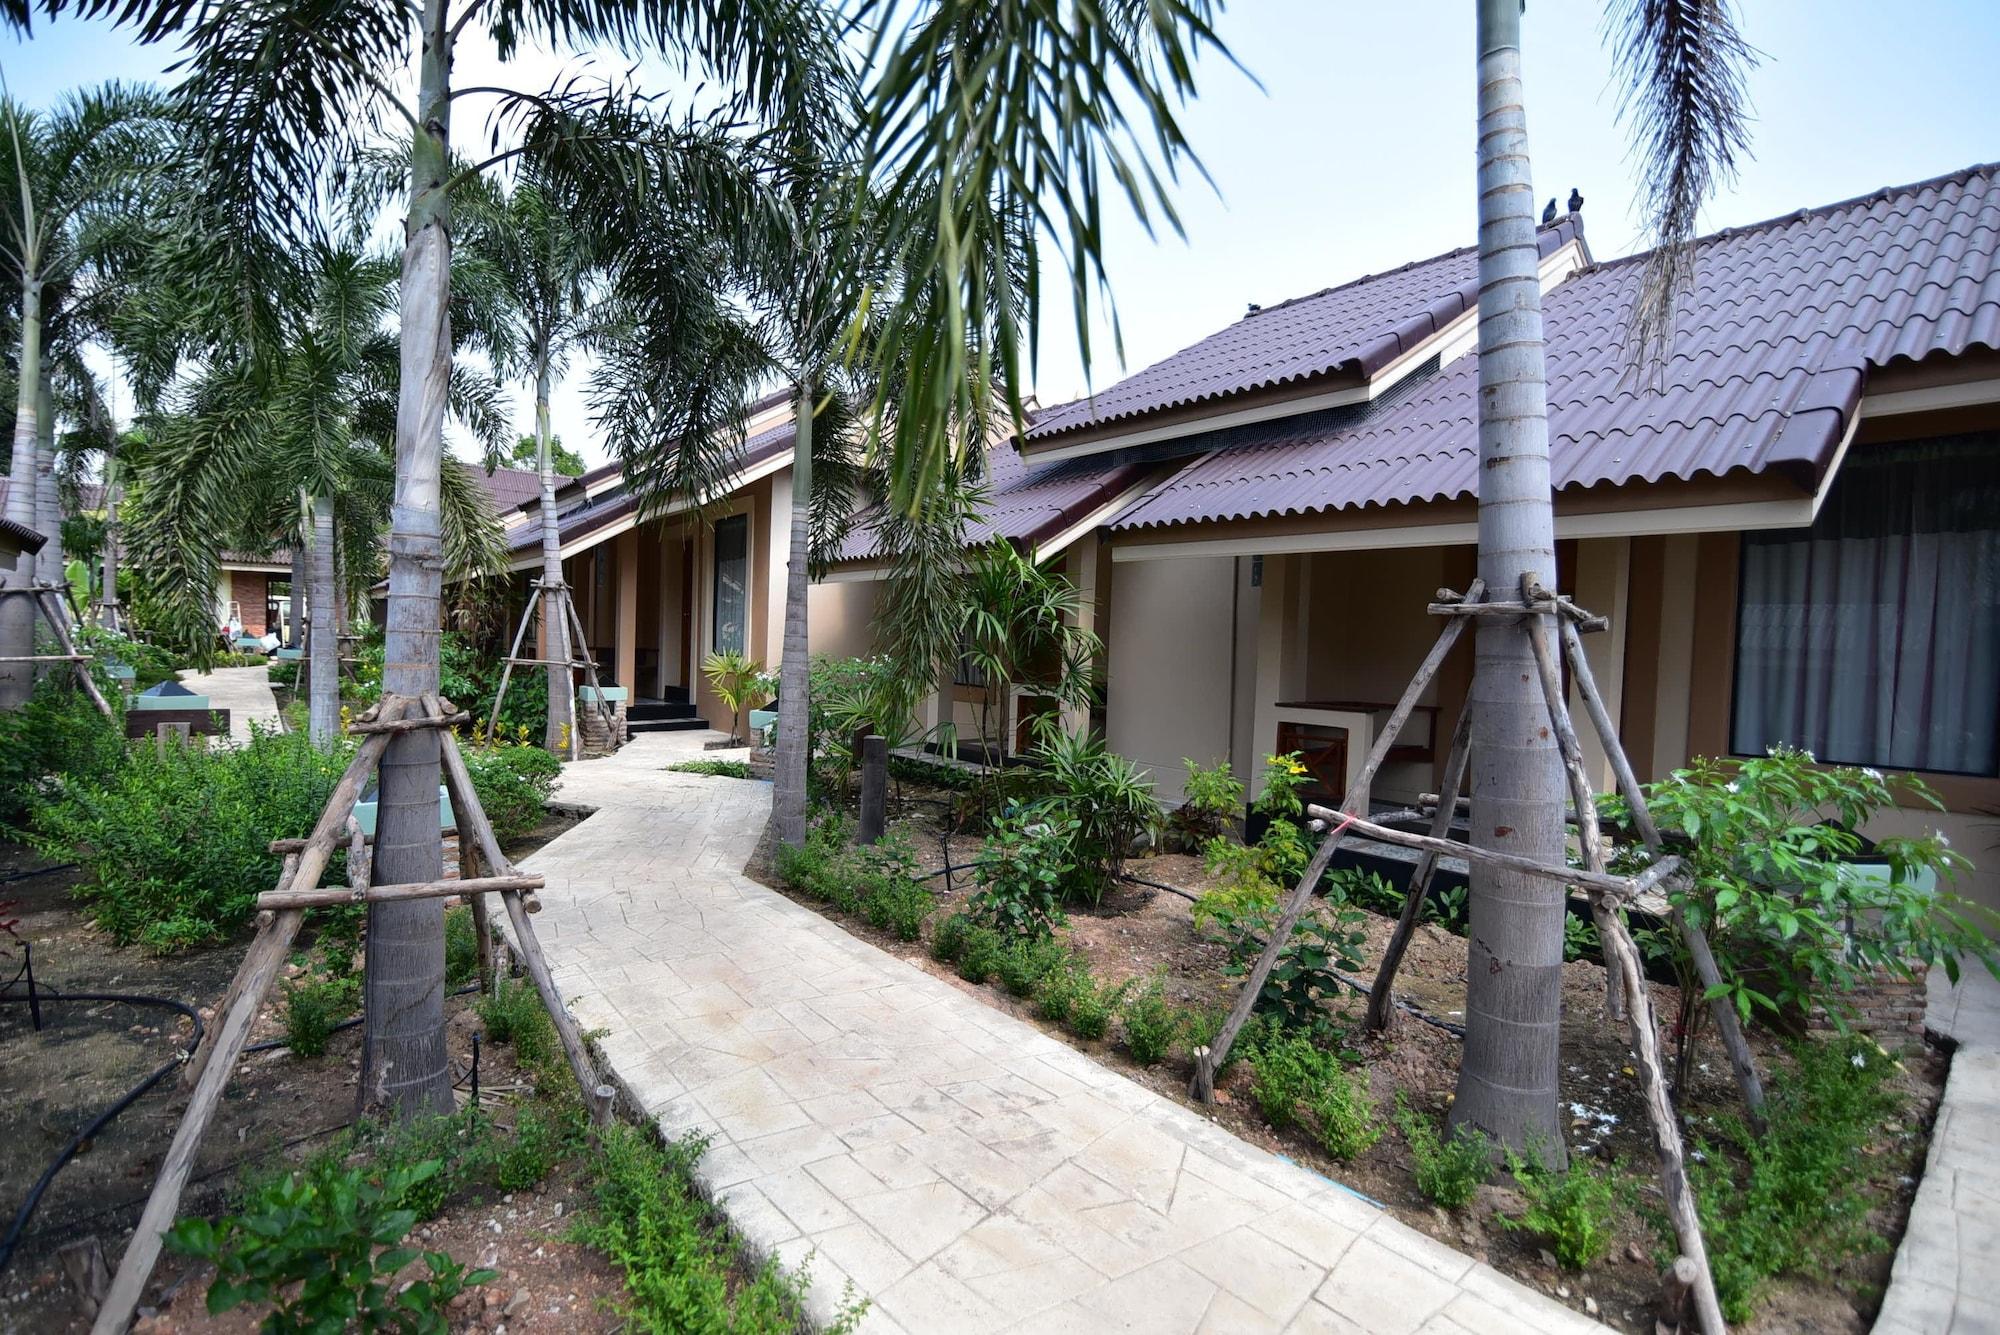 Mamaungpaa Hillside Resort, Takhli